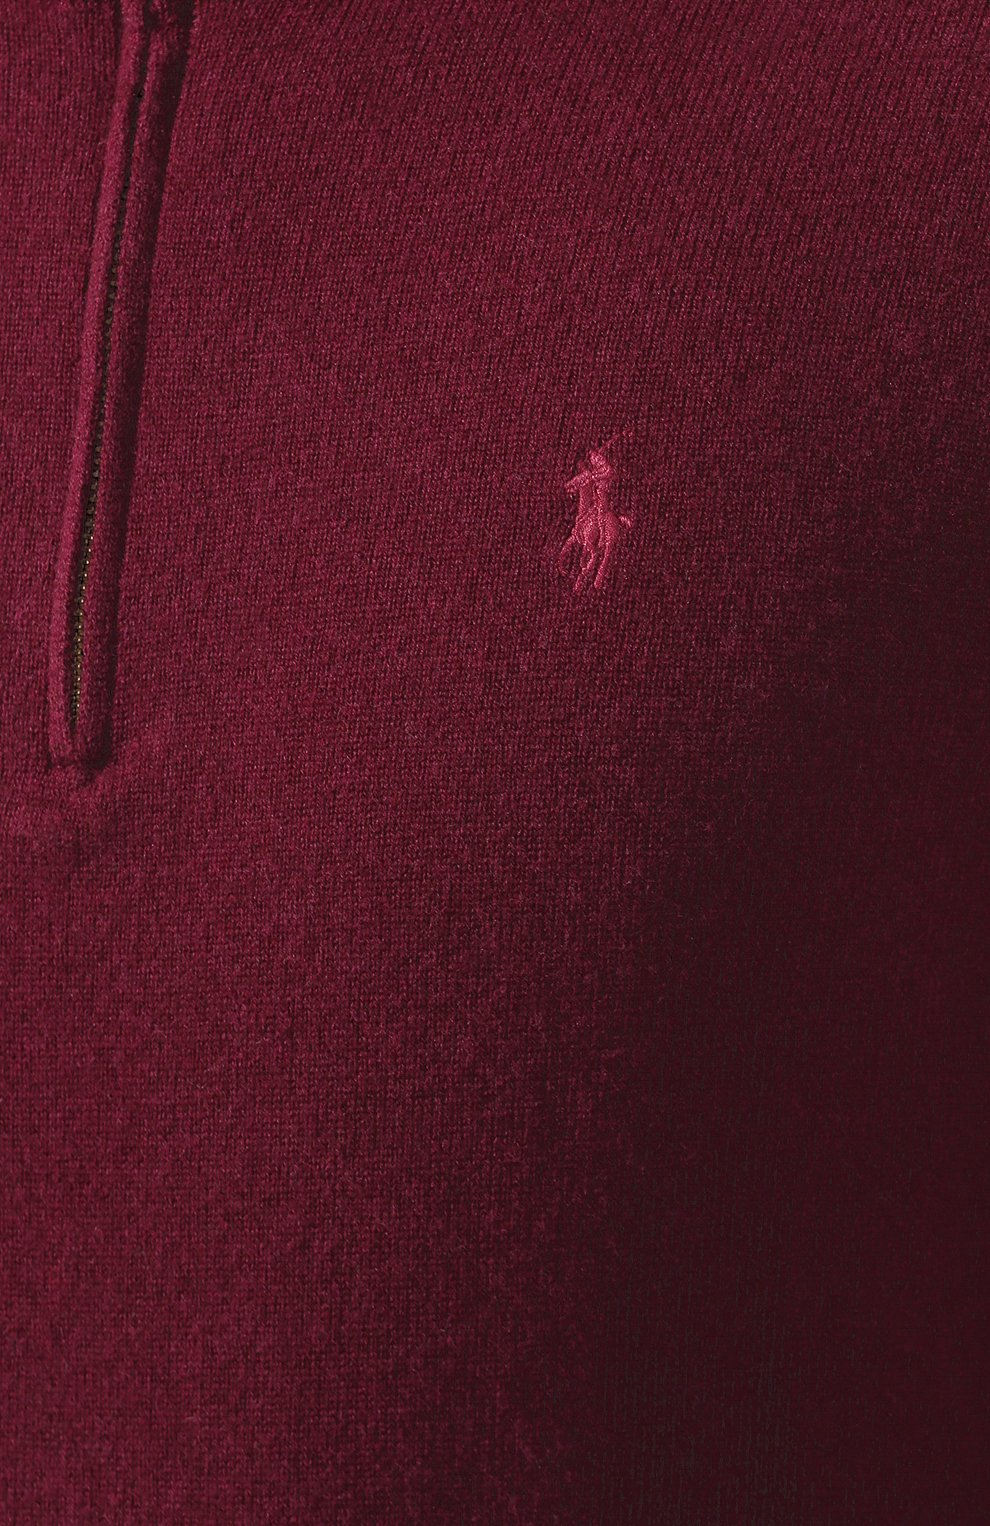 Мужской шерстяной джемпер POLO RALPH LAUREN бордового цвета, арт. 710723053 | Фото 5